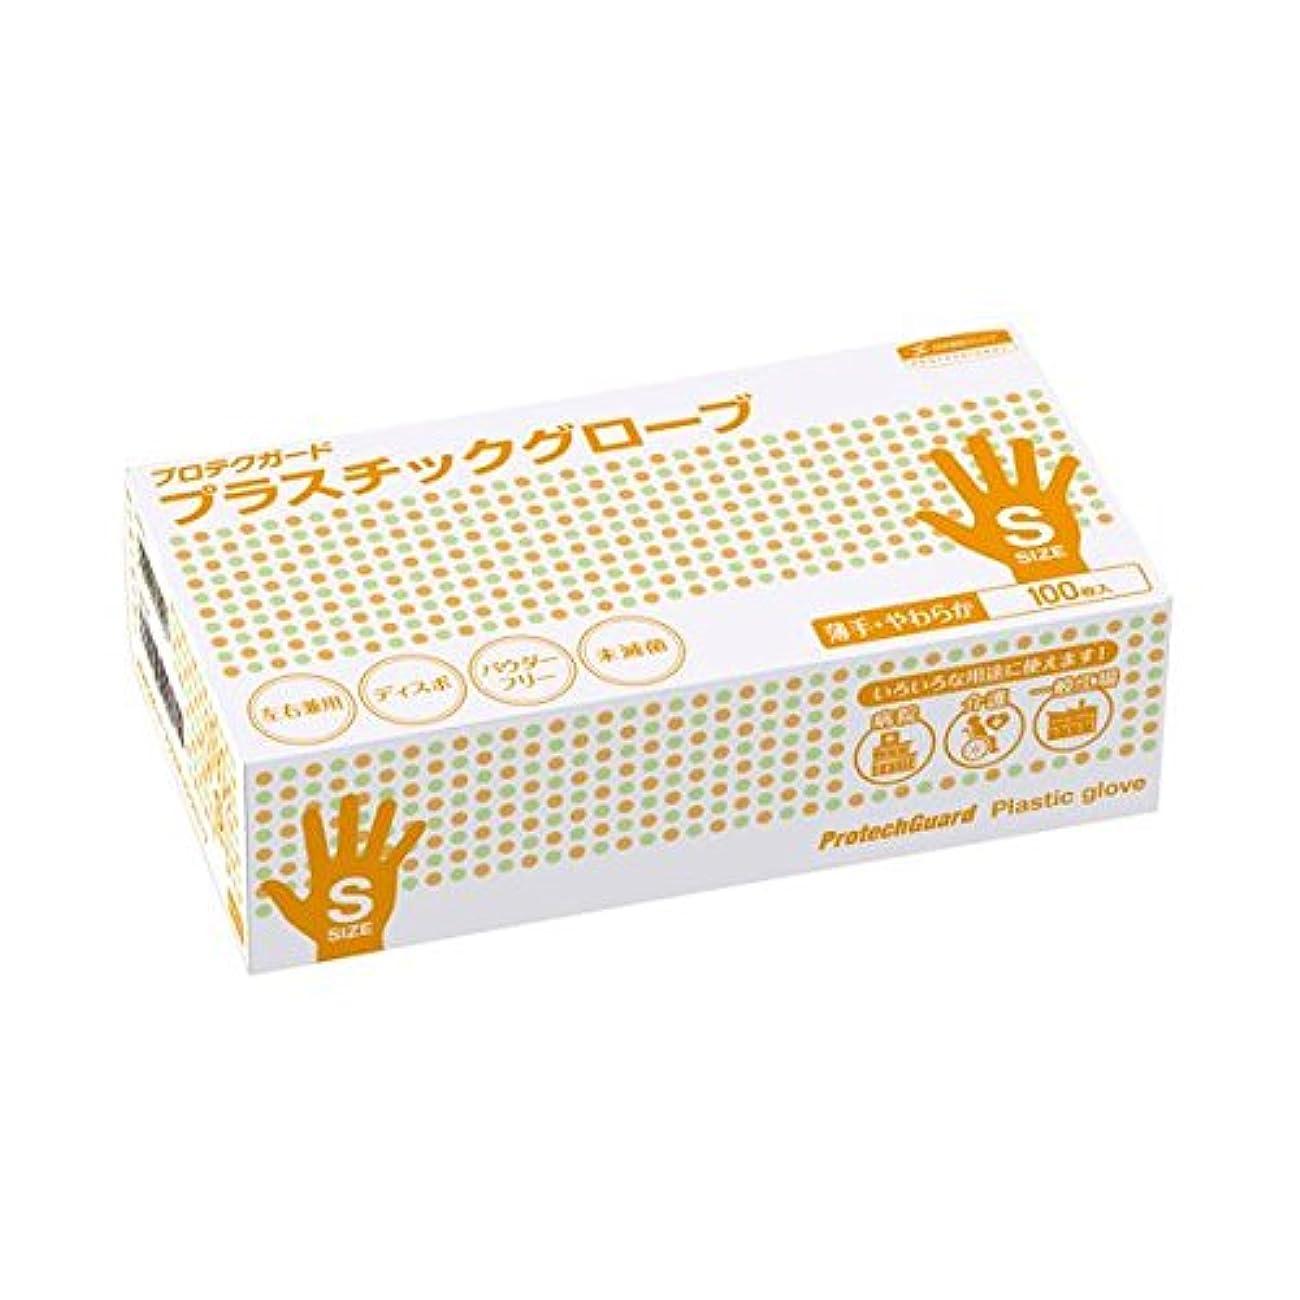 永久に刺す作者(業務用20セット) 日本製紙クレシア プロテクガード プラスチックグローブS